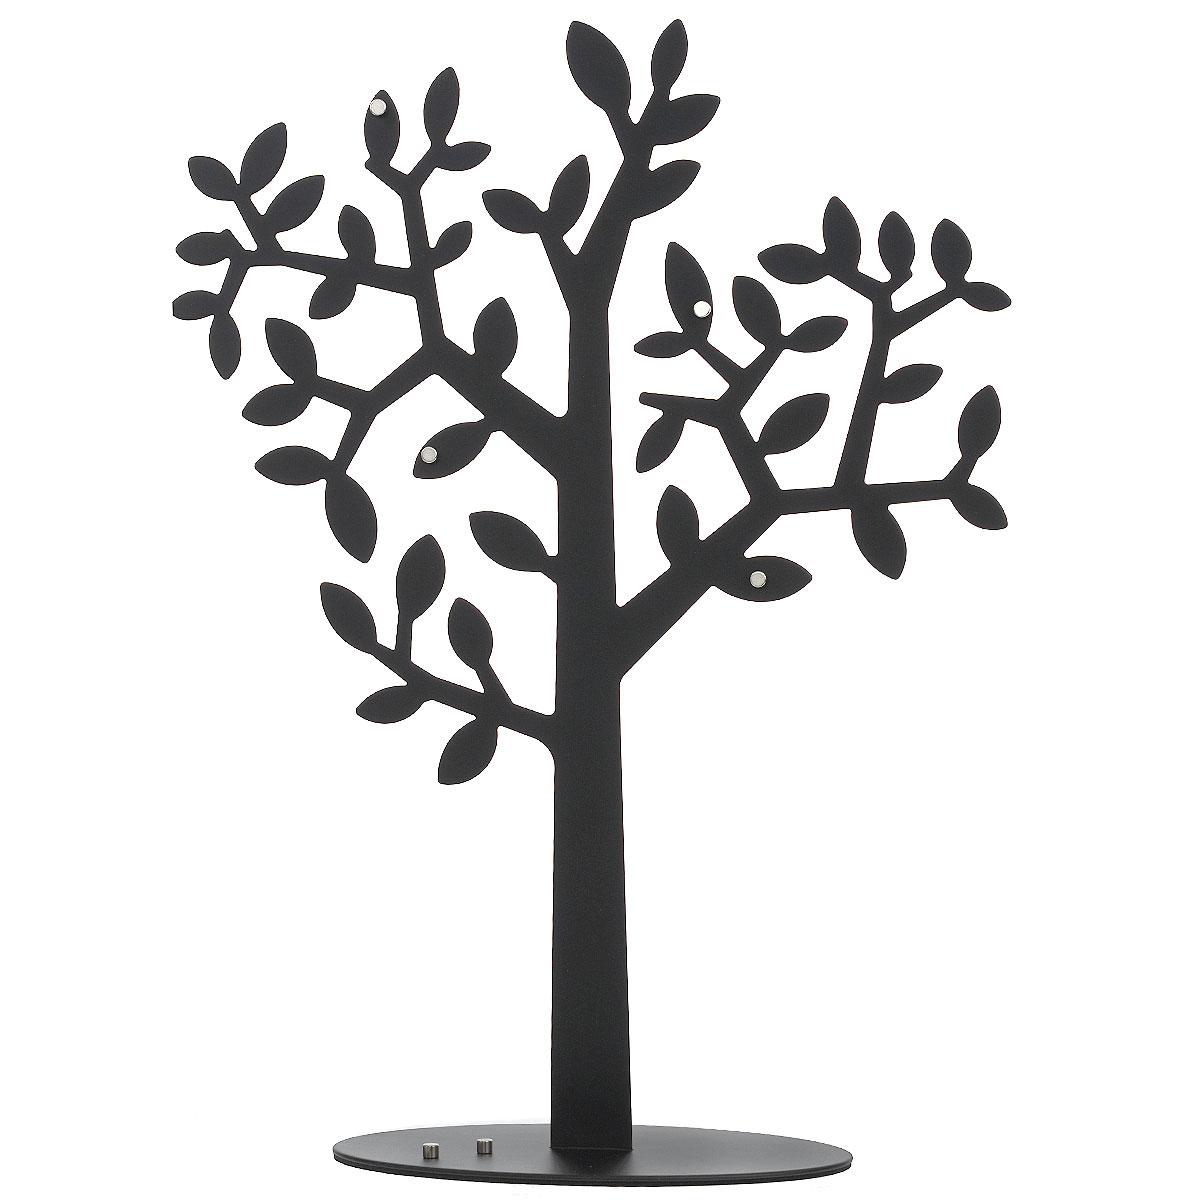 Держатель для фото Umbra Laurel, цвет: черный. 306600-040306600-040Держатель для фото Umbra Laurel станет не только прекрасным декоративным украшением стола, но и послужит функционально: поместите в держатель вашу любимую фотографию, и она будет радовать вас каждый день, напоминая о приятных мгновениях. Держатель выполнен из металла в виде дерева. Такой сувенир, несомненно, доставит море положительных эмоций своему обладателю. Общий размер держателя: 41 см х 29 см x 4 см.